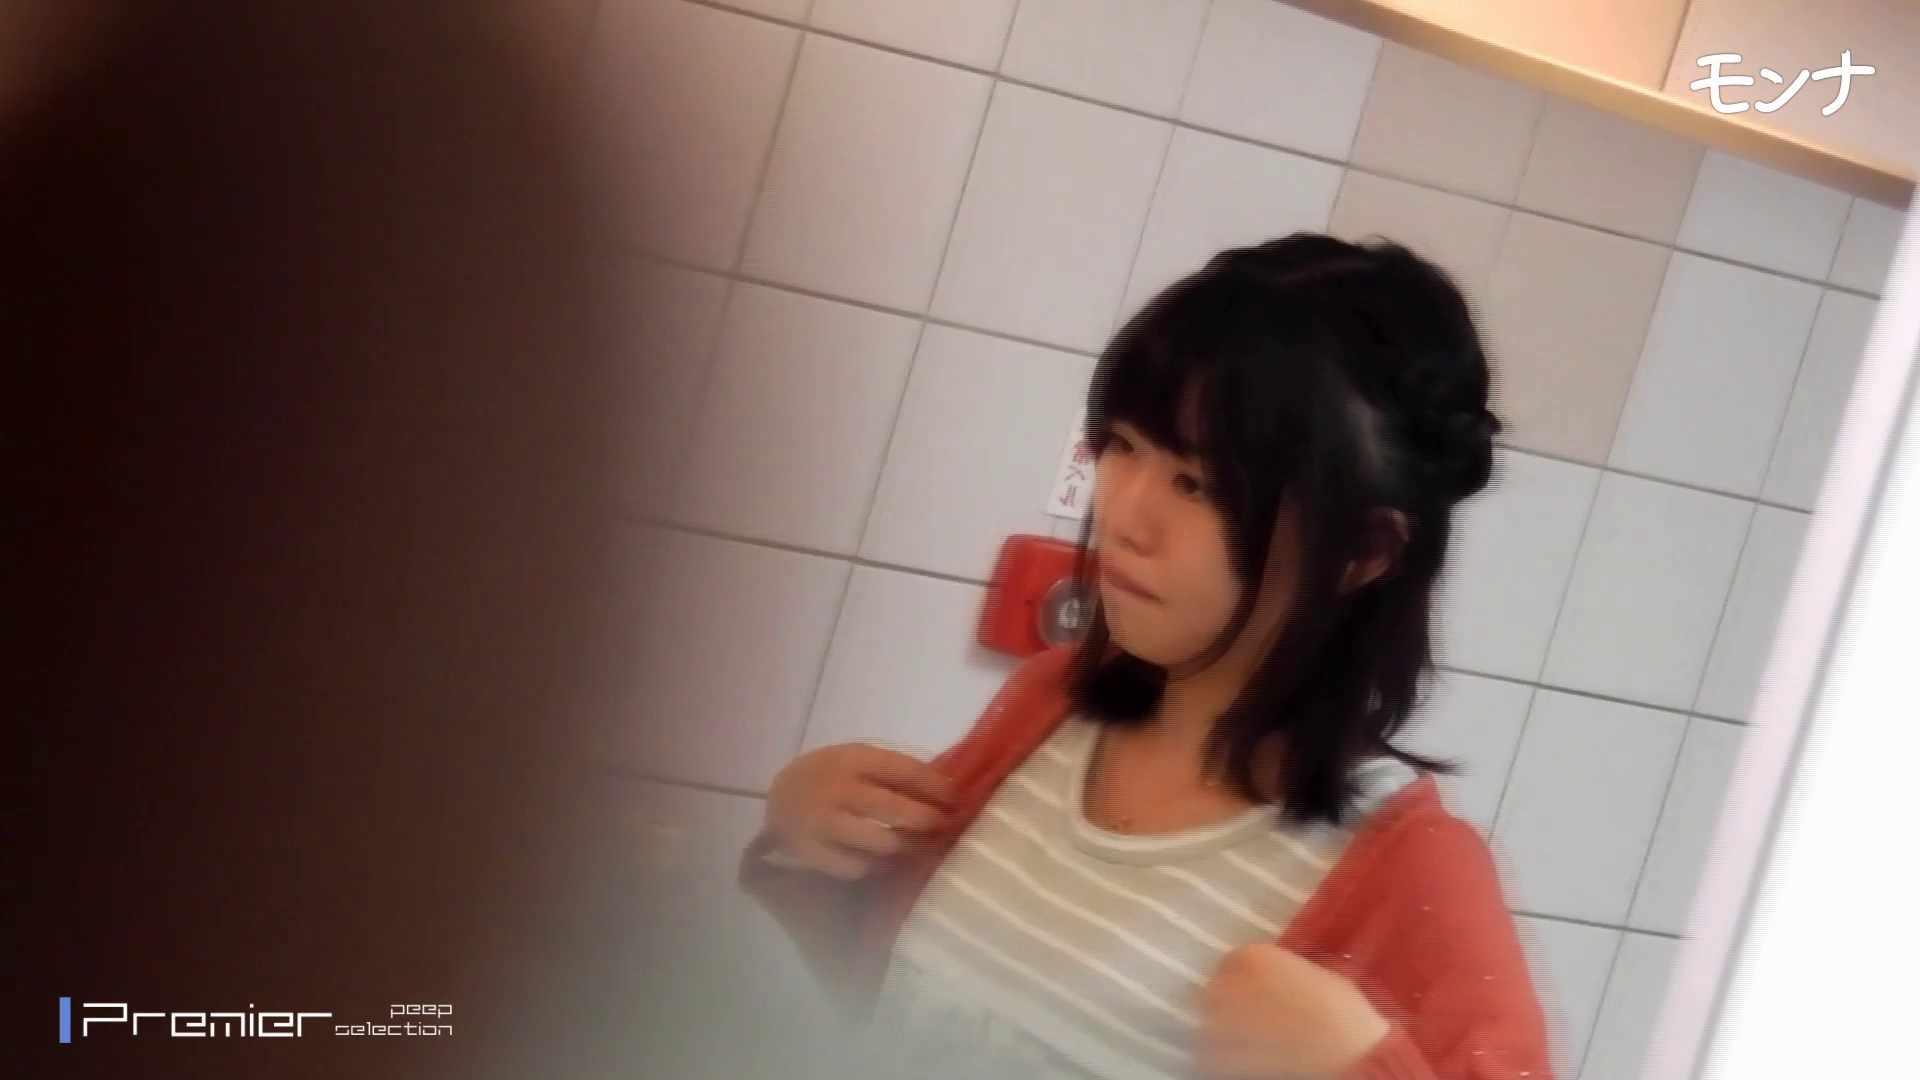 美しい日本の未来 No.58 清楚な顔で、ドロッと大量に!! お姉さん  79PIX 48